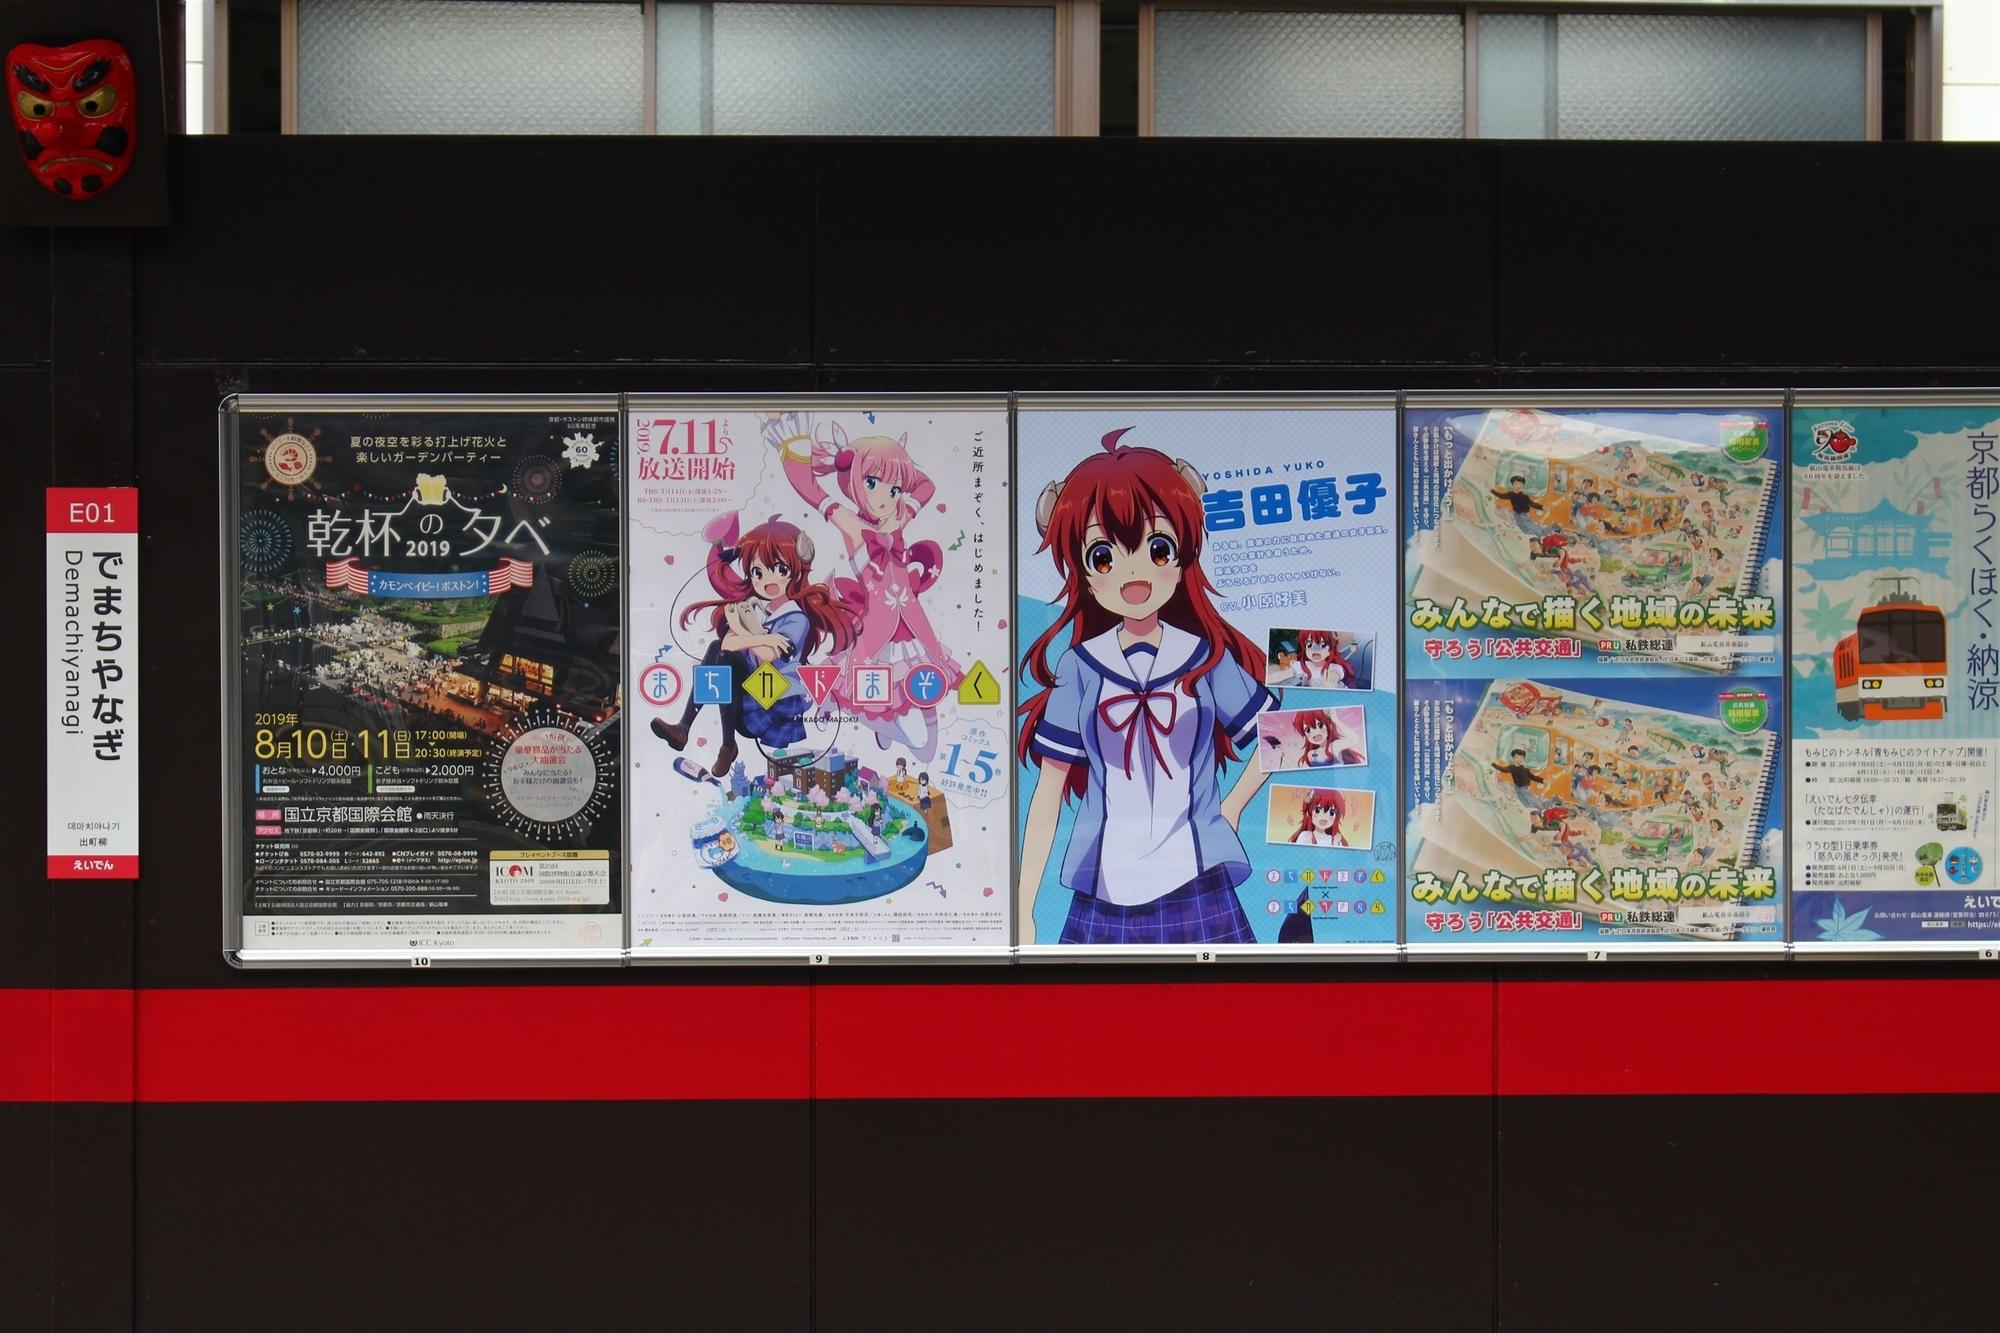 出町柳駅 まちカドまぞく番宣ポスターとシャミ子ポスター